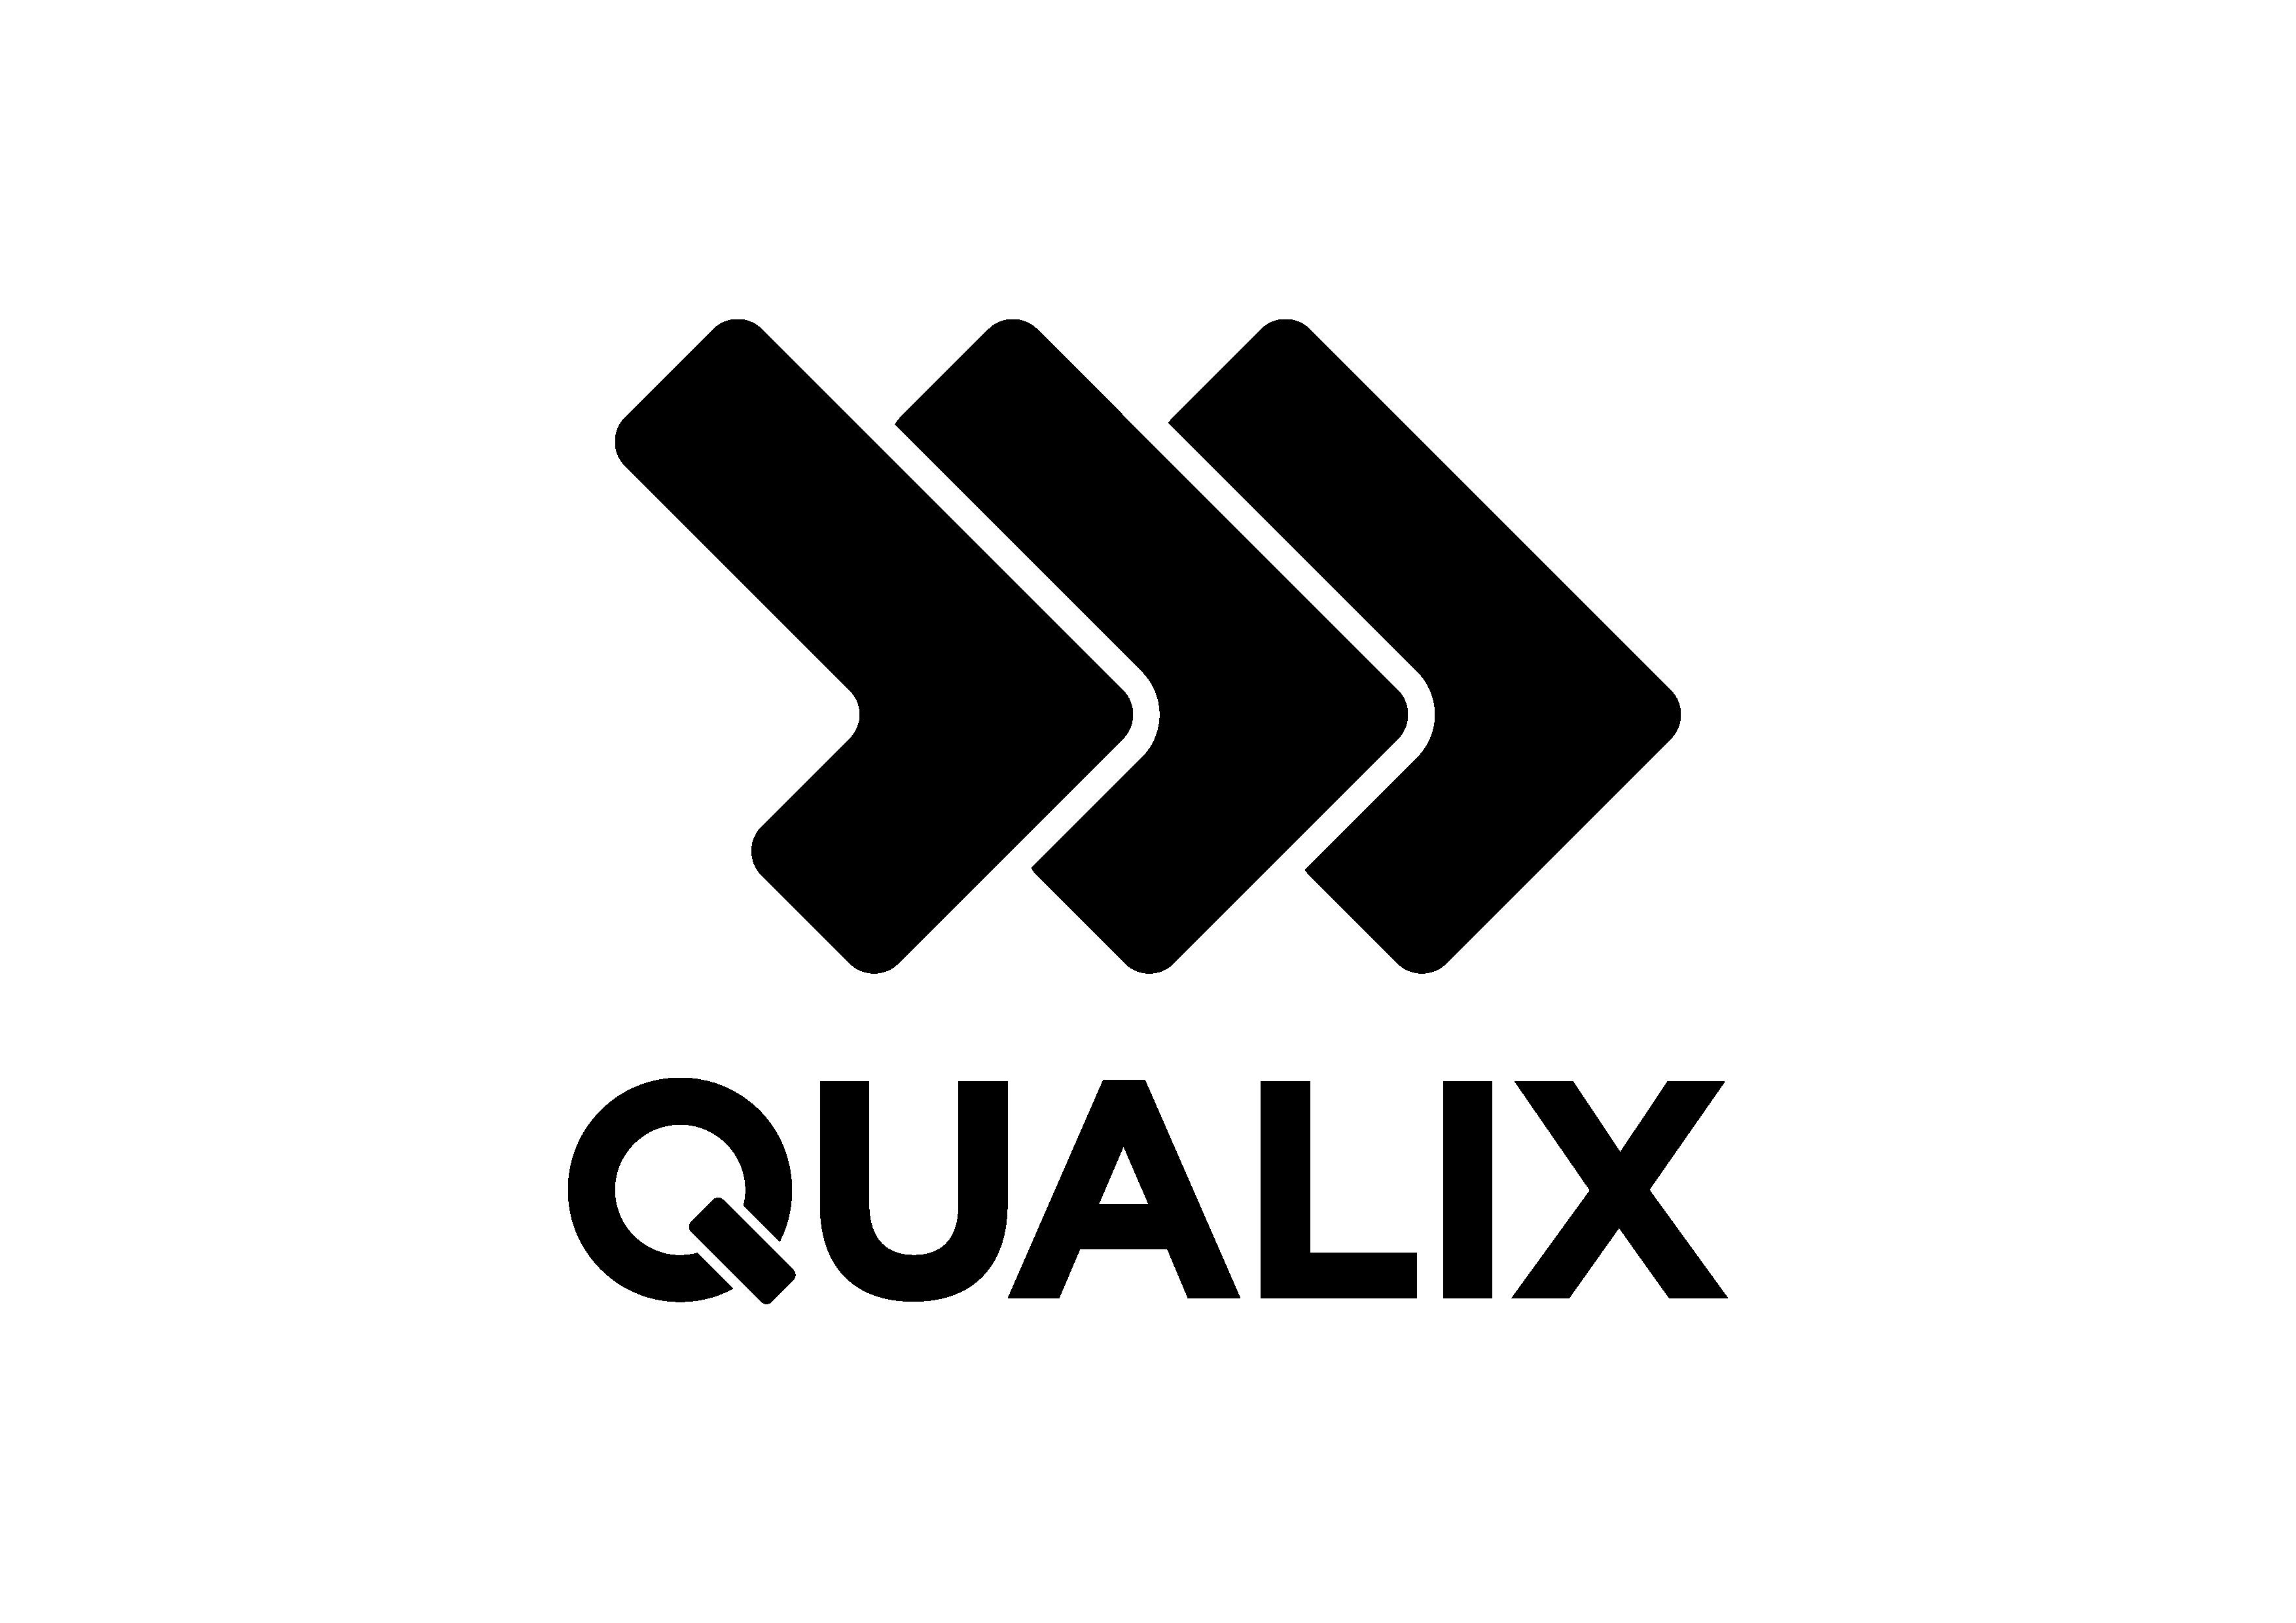 QUALIX - WJA